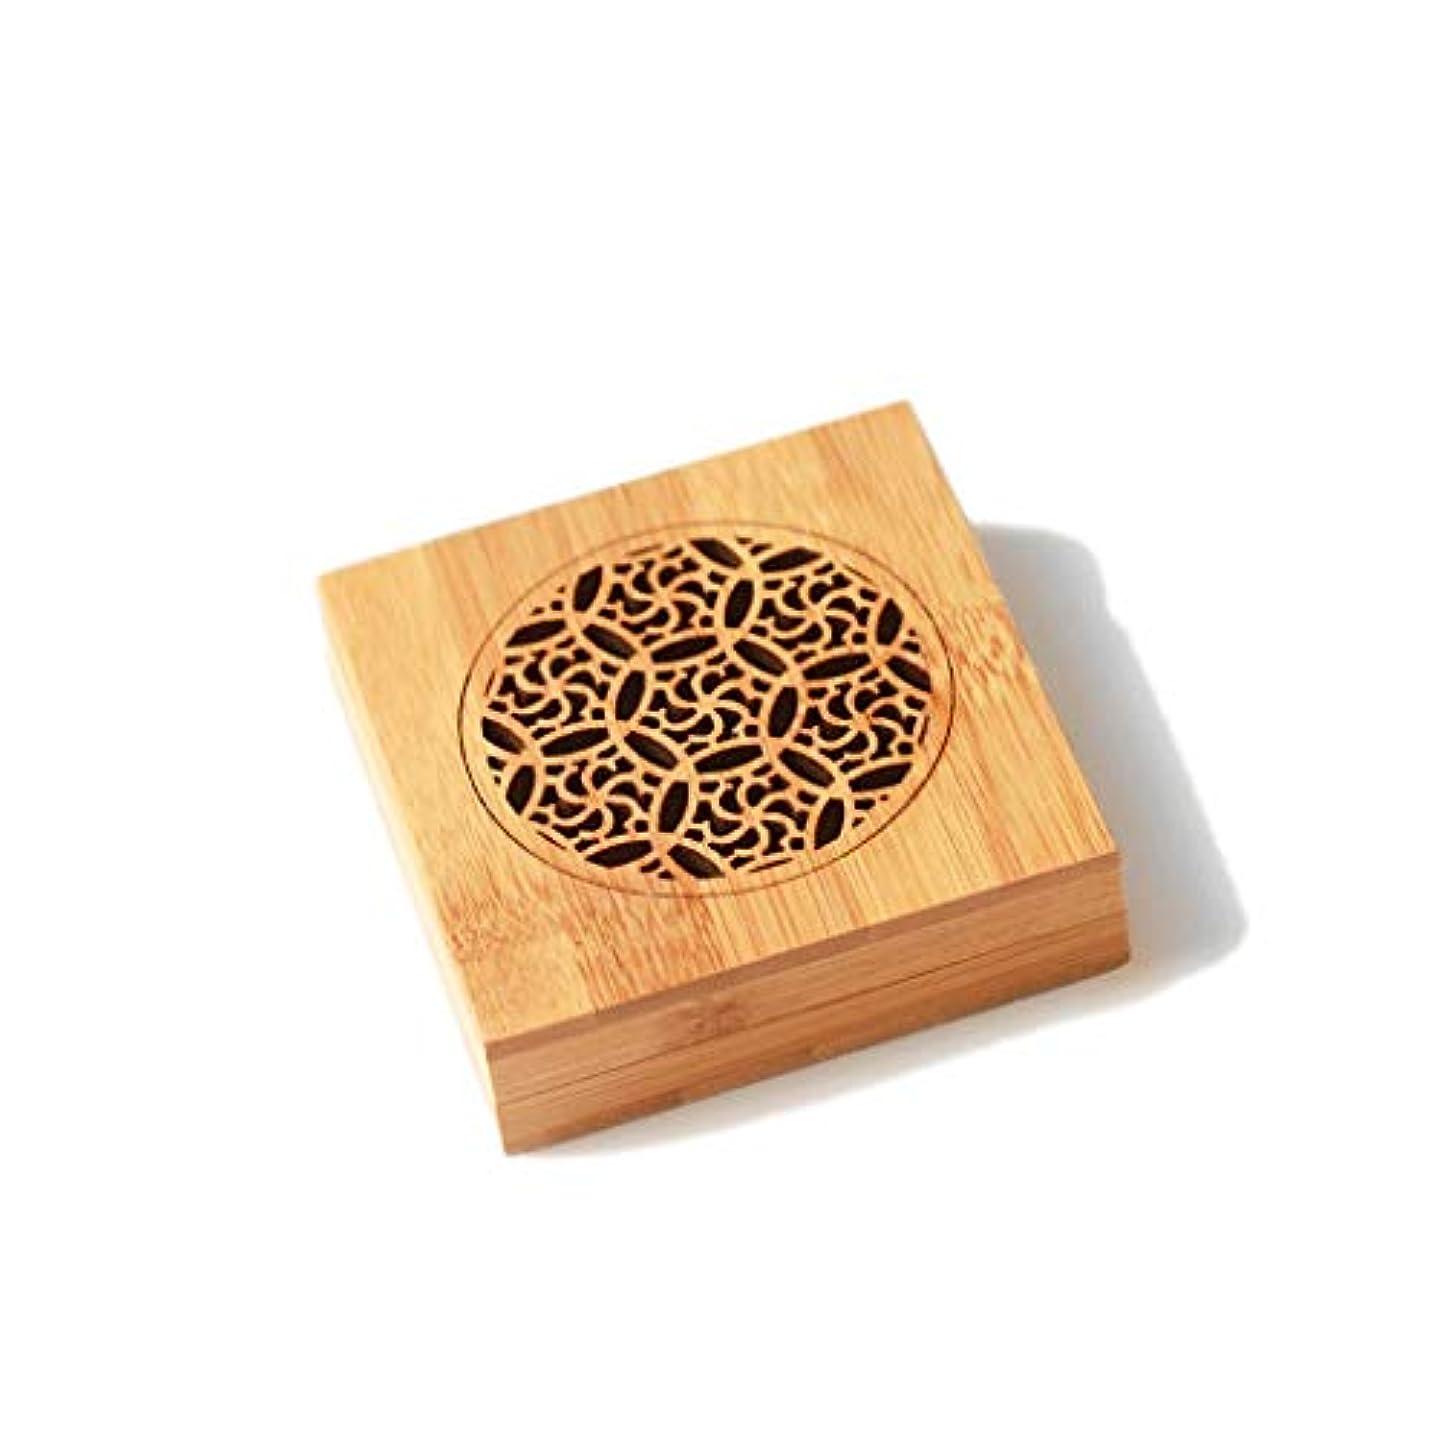 経営者悪用アノイ竹の香バーナーコイルの香バーナー部屋の装飾瞑想竹の香り天然素材香ホルダー 芳香器?アロマバーナー (Color : WOOD, サイズ : Square)